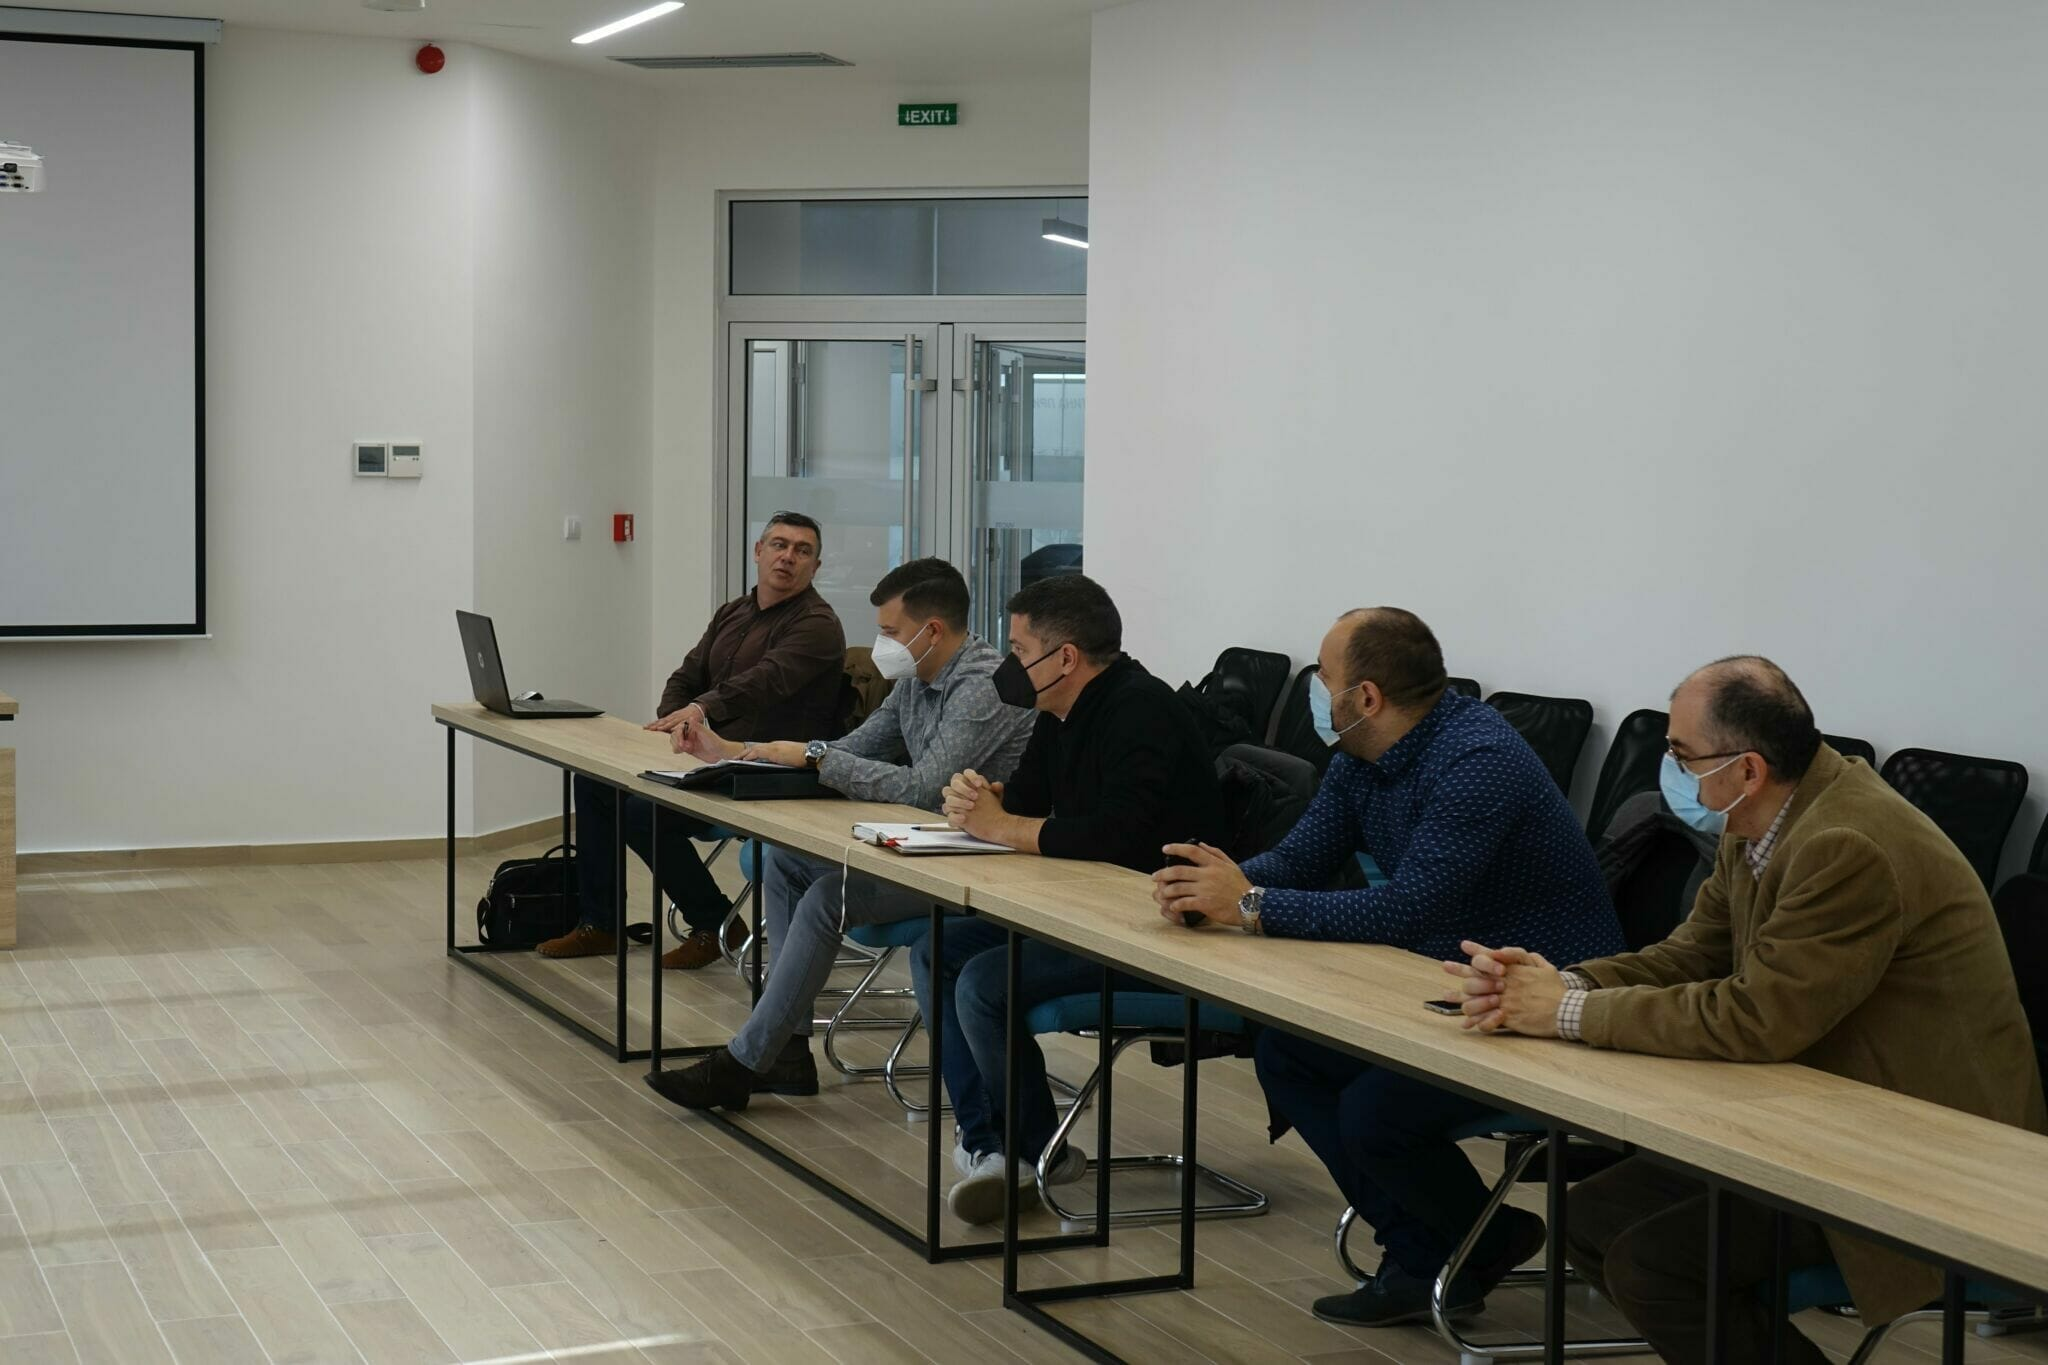 Održivi razvoj za sve: održan sastanak sa predstavnicima lokalne samouprave u Priboju